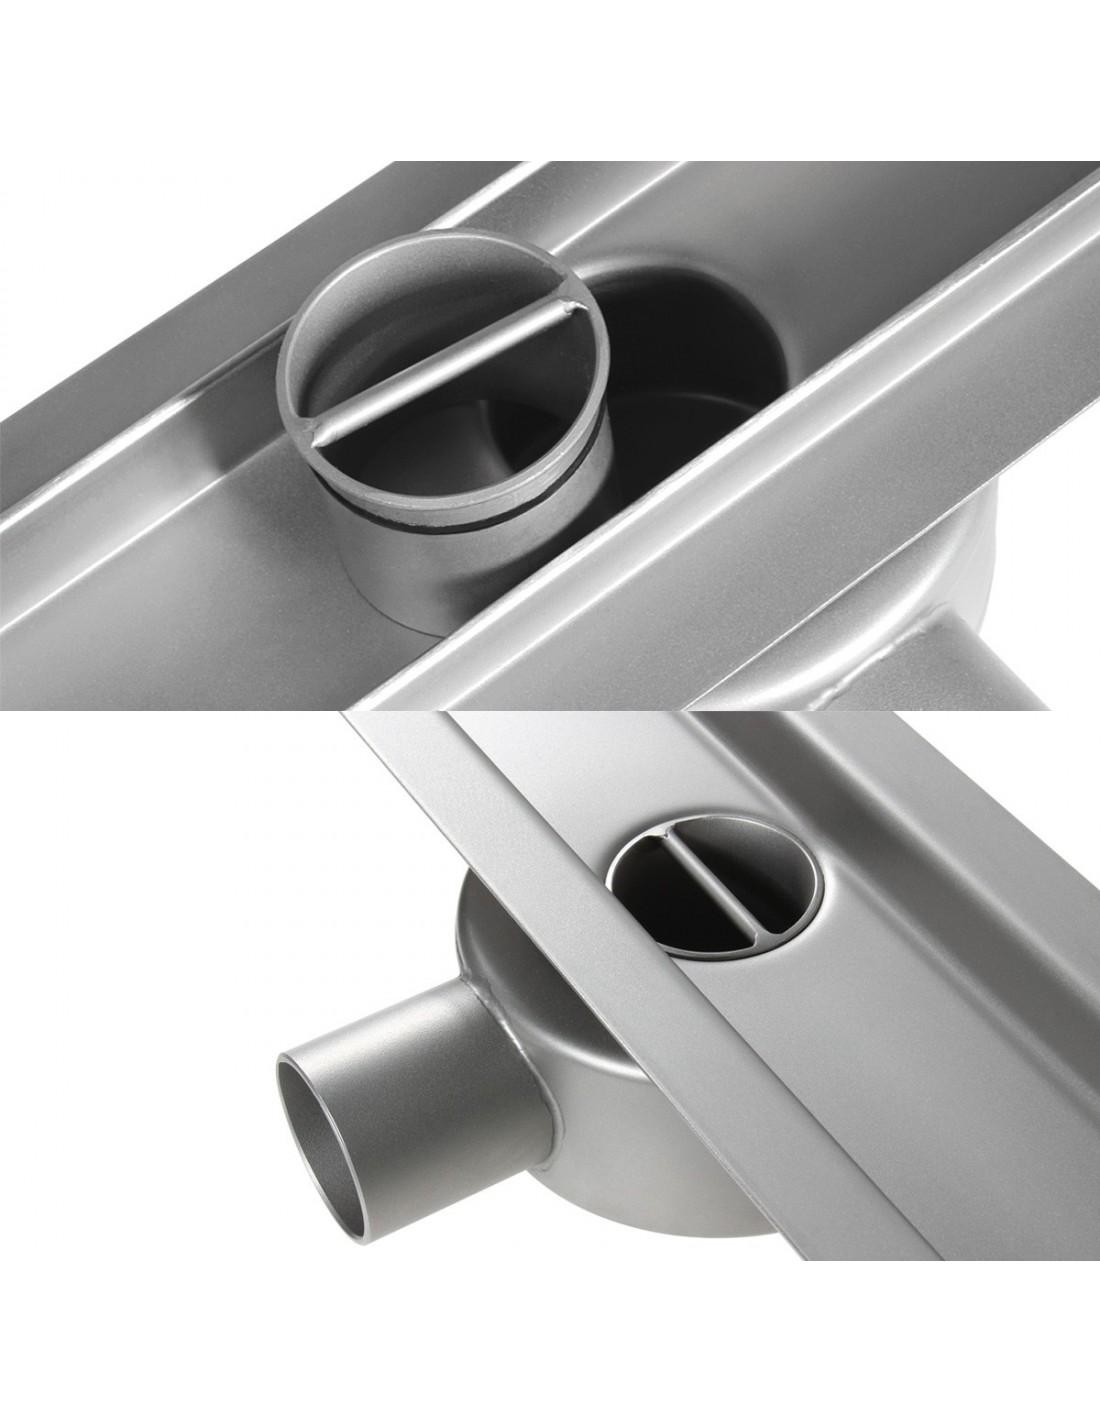 edelstahl ablaufrinne wiper 1100 mm premium tivano modernedusche. Black Bedroom Furniture Sets. Home Design Ideas